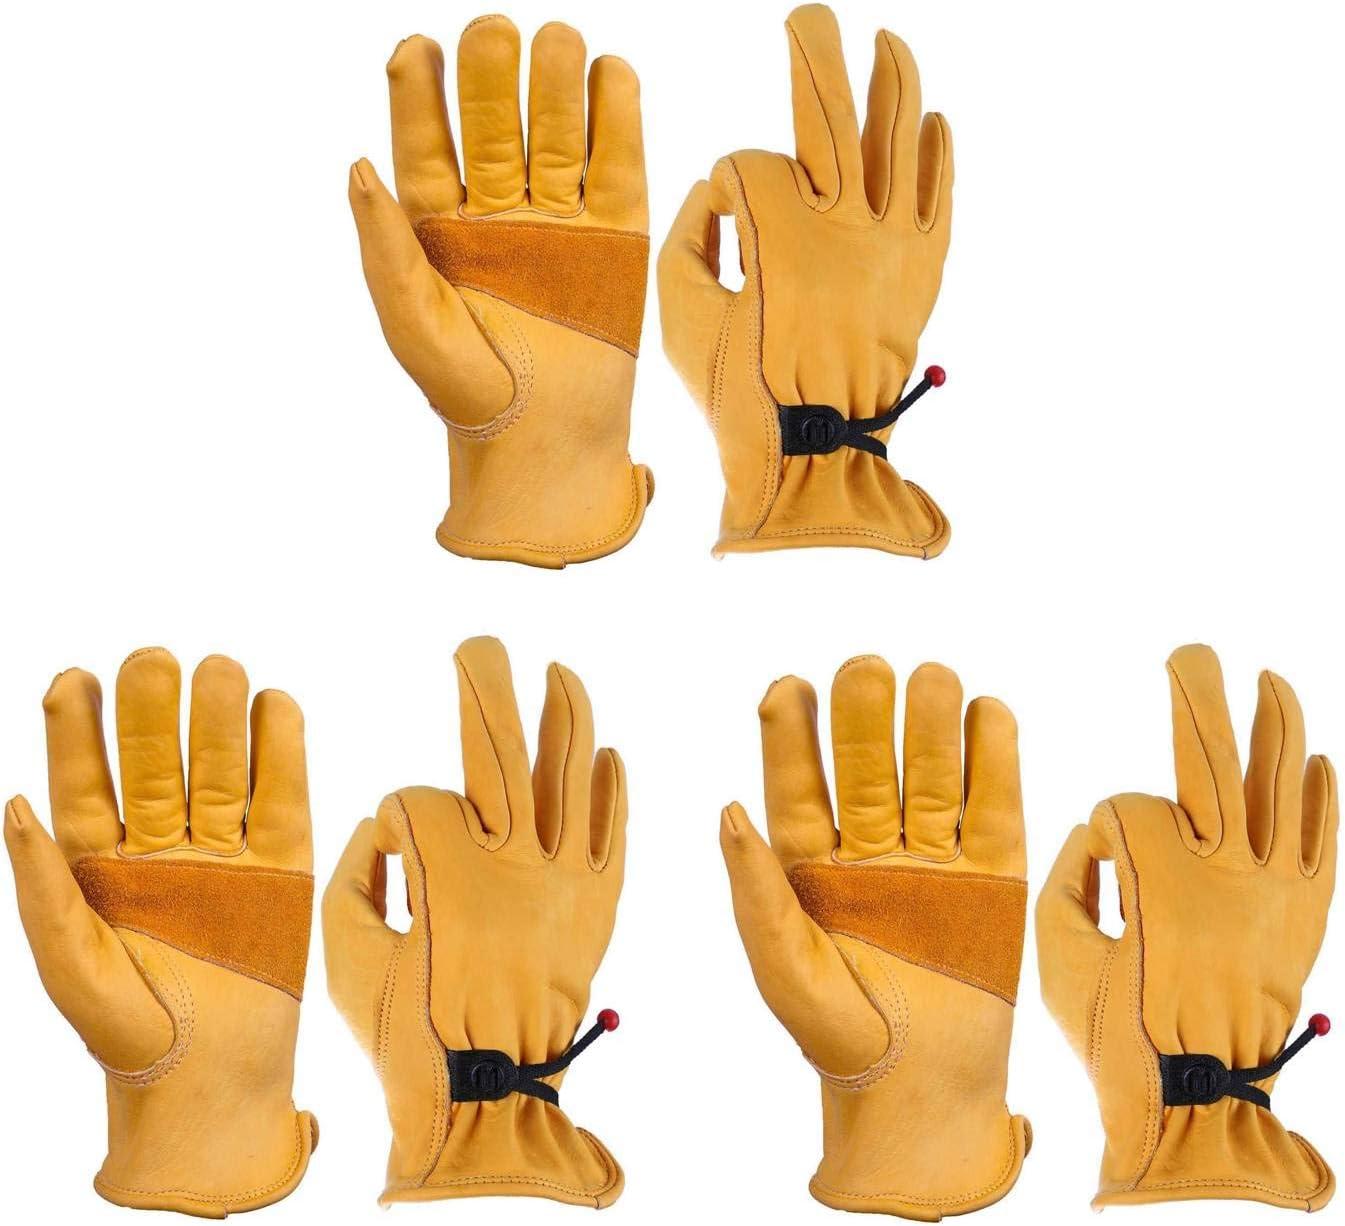 OZERO 3 Pairs NEW Flex Grip Leather Wrist Gloves Adjustable Work Tou free shipping